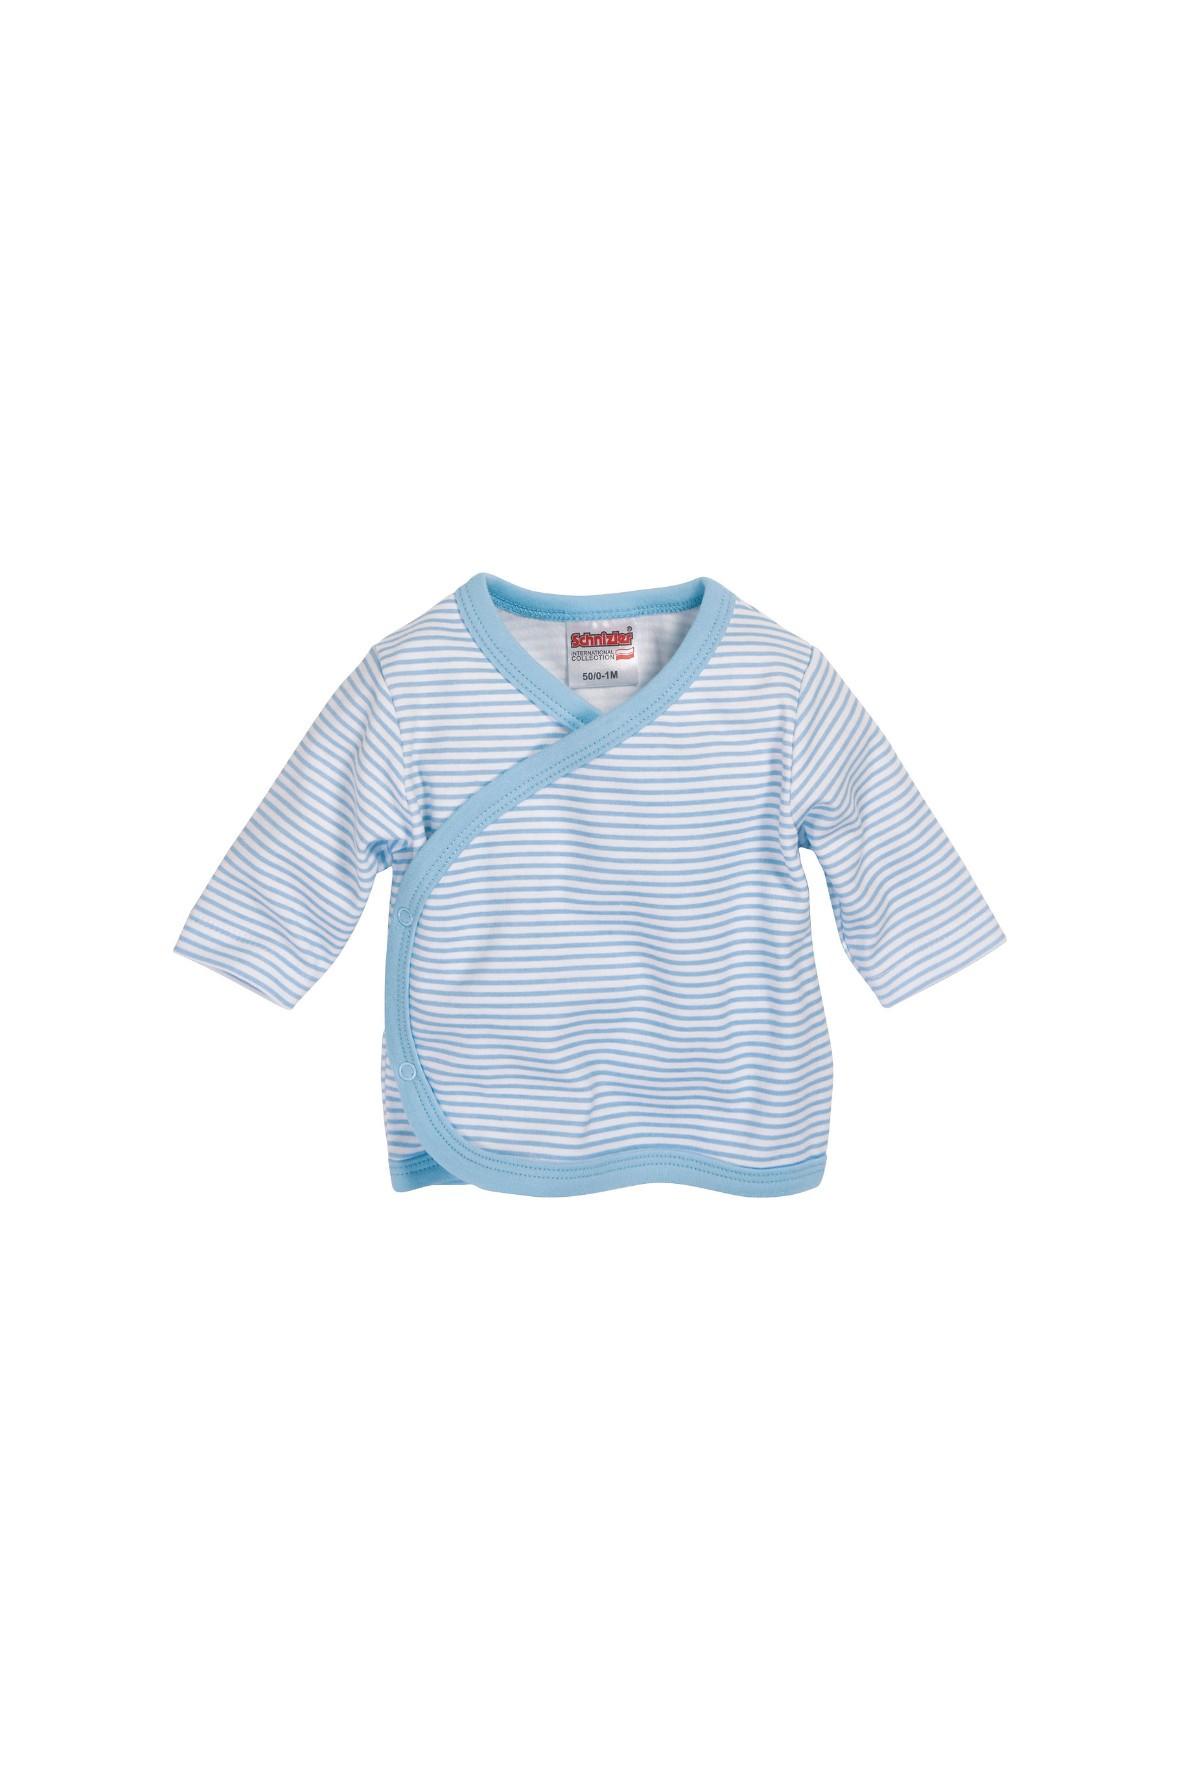 Kaftanik w biało-niebieskie paski-wyprawka dla noworodka